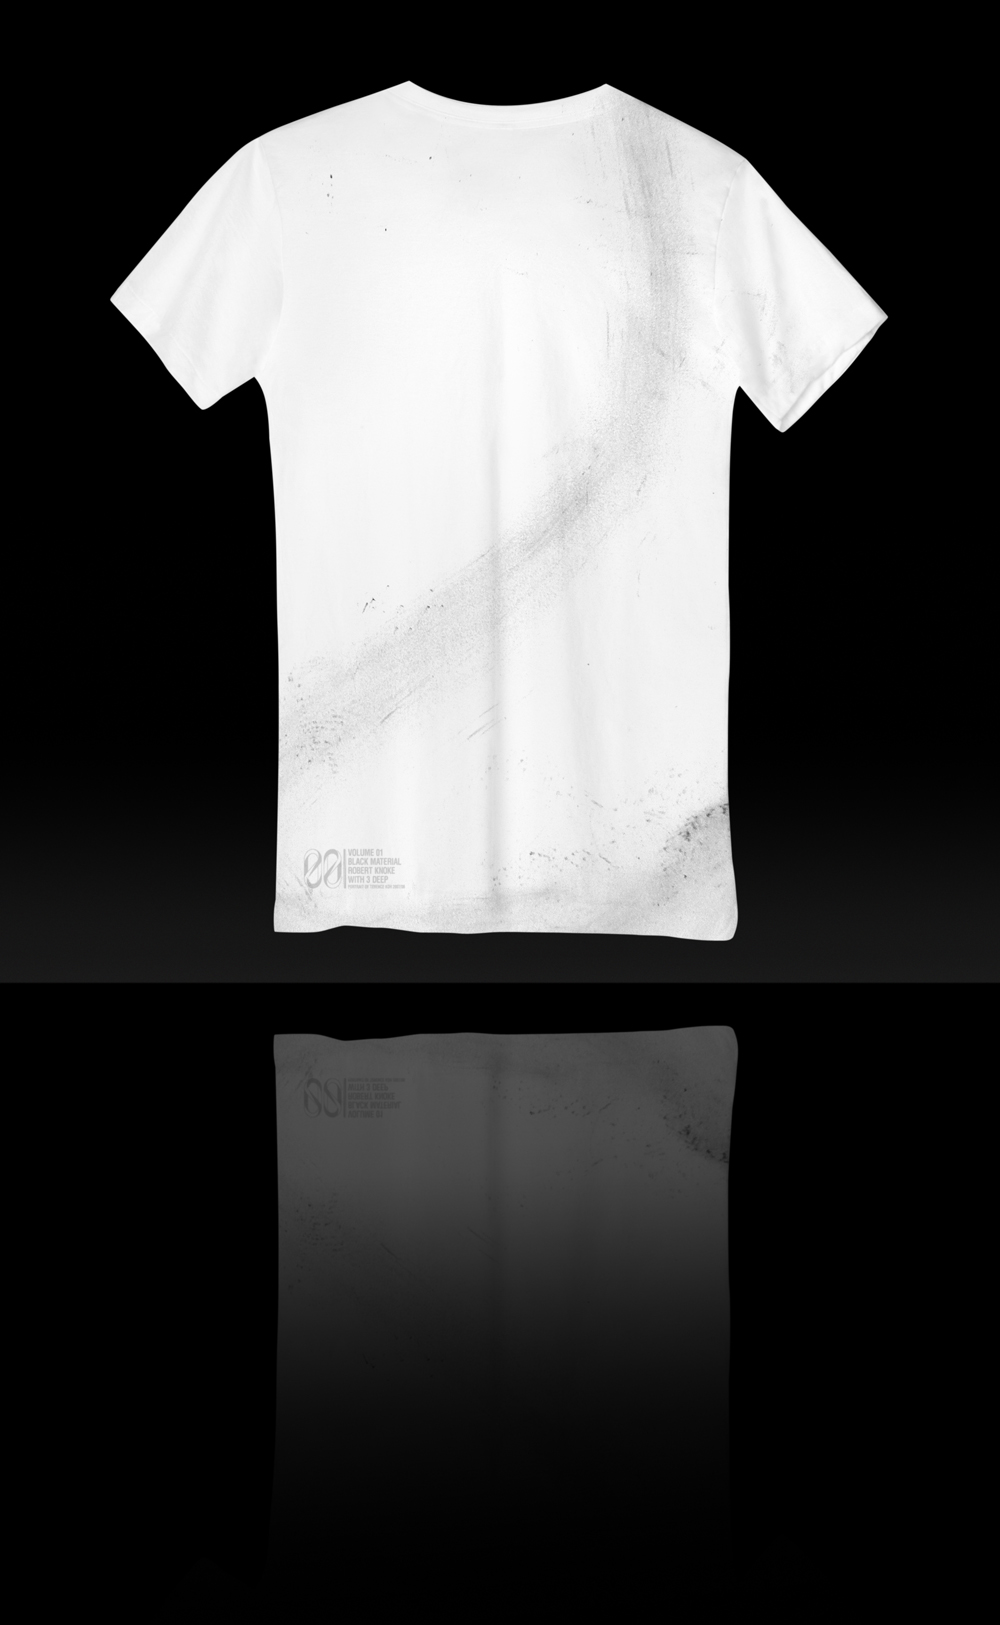 00_Vol_01_T-Shirt_01_Back_Black.jpg